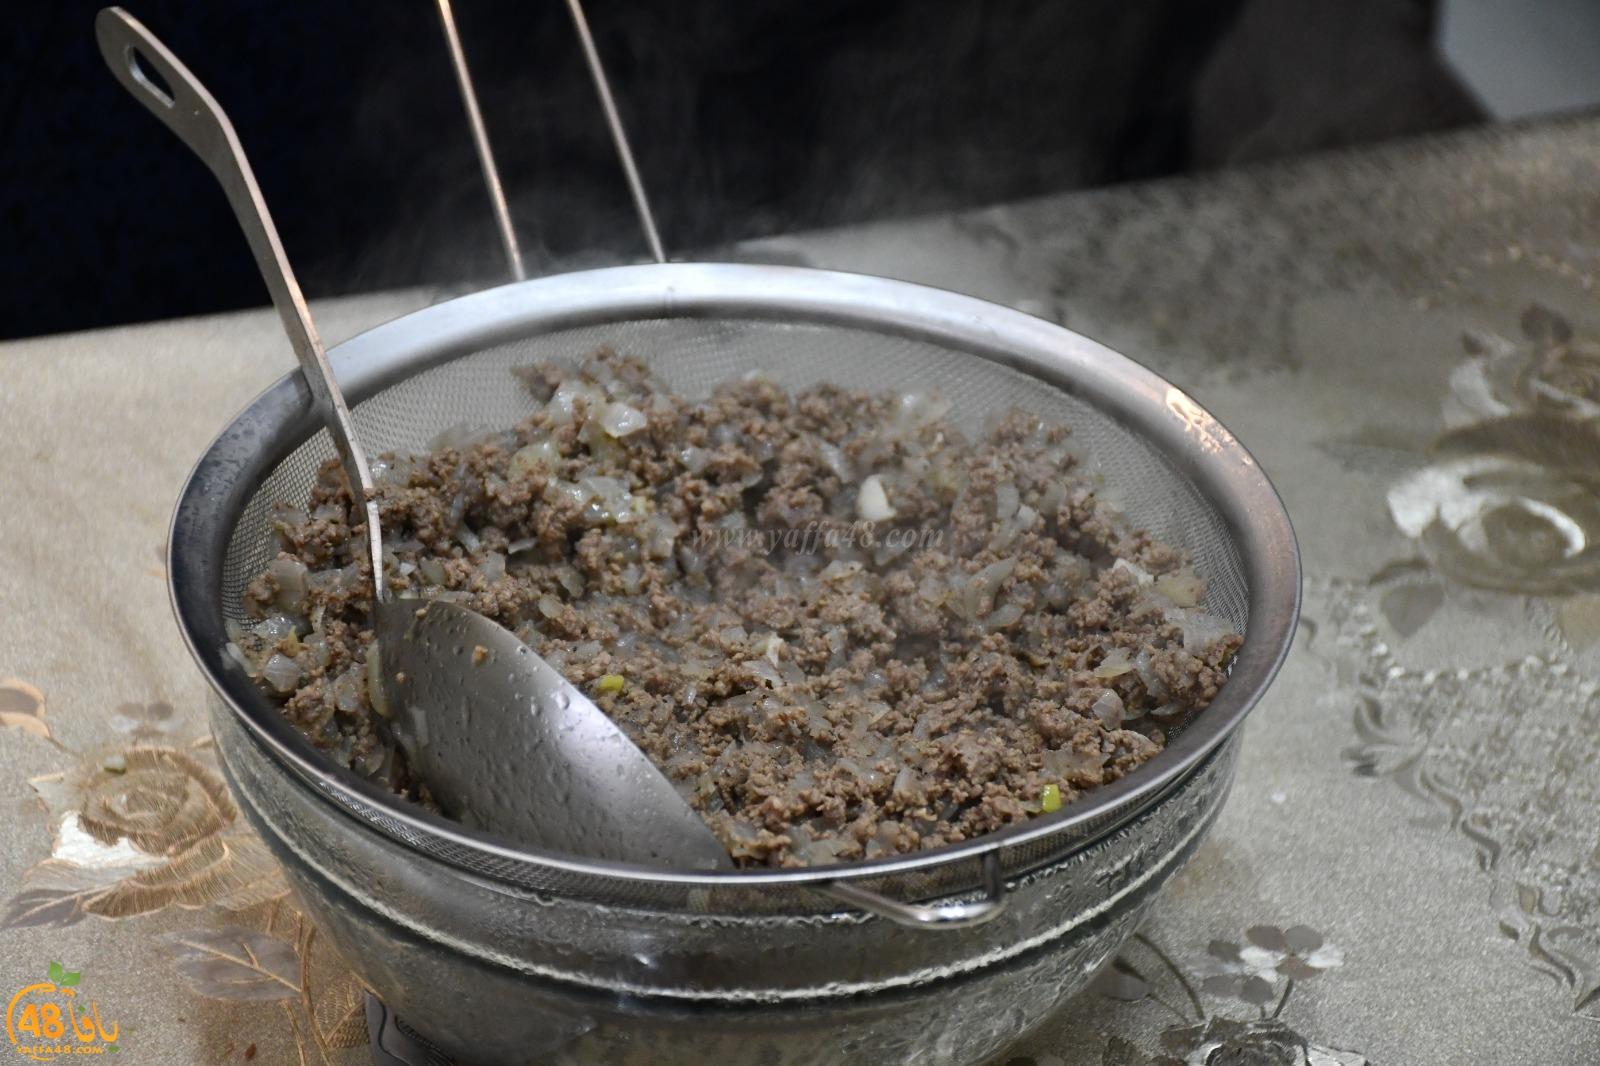 شاهد| الصفيحة اليافيّة - الحلقة العاشرة من برنامج مطبخنا اليافيّ